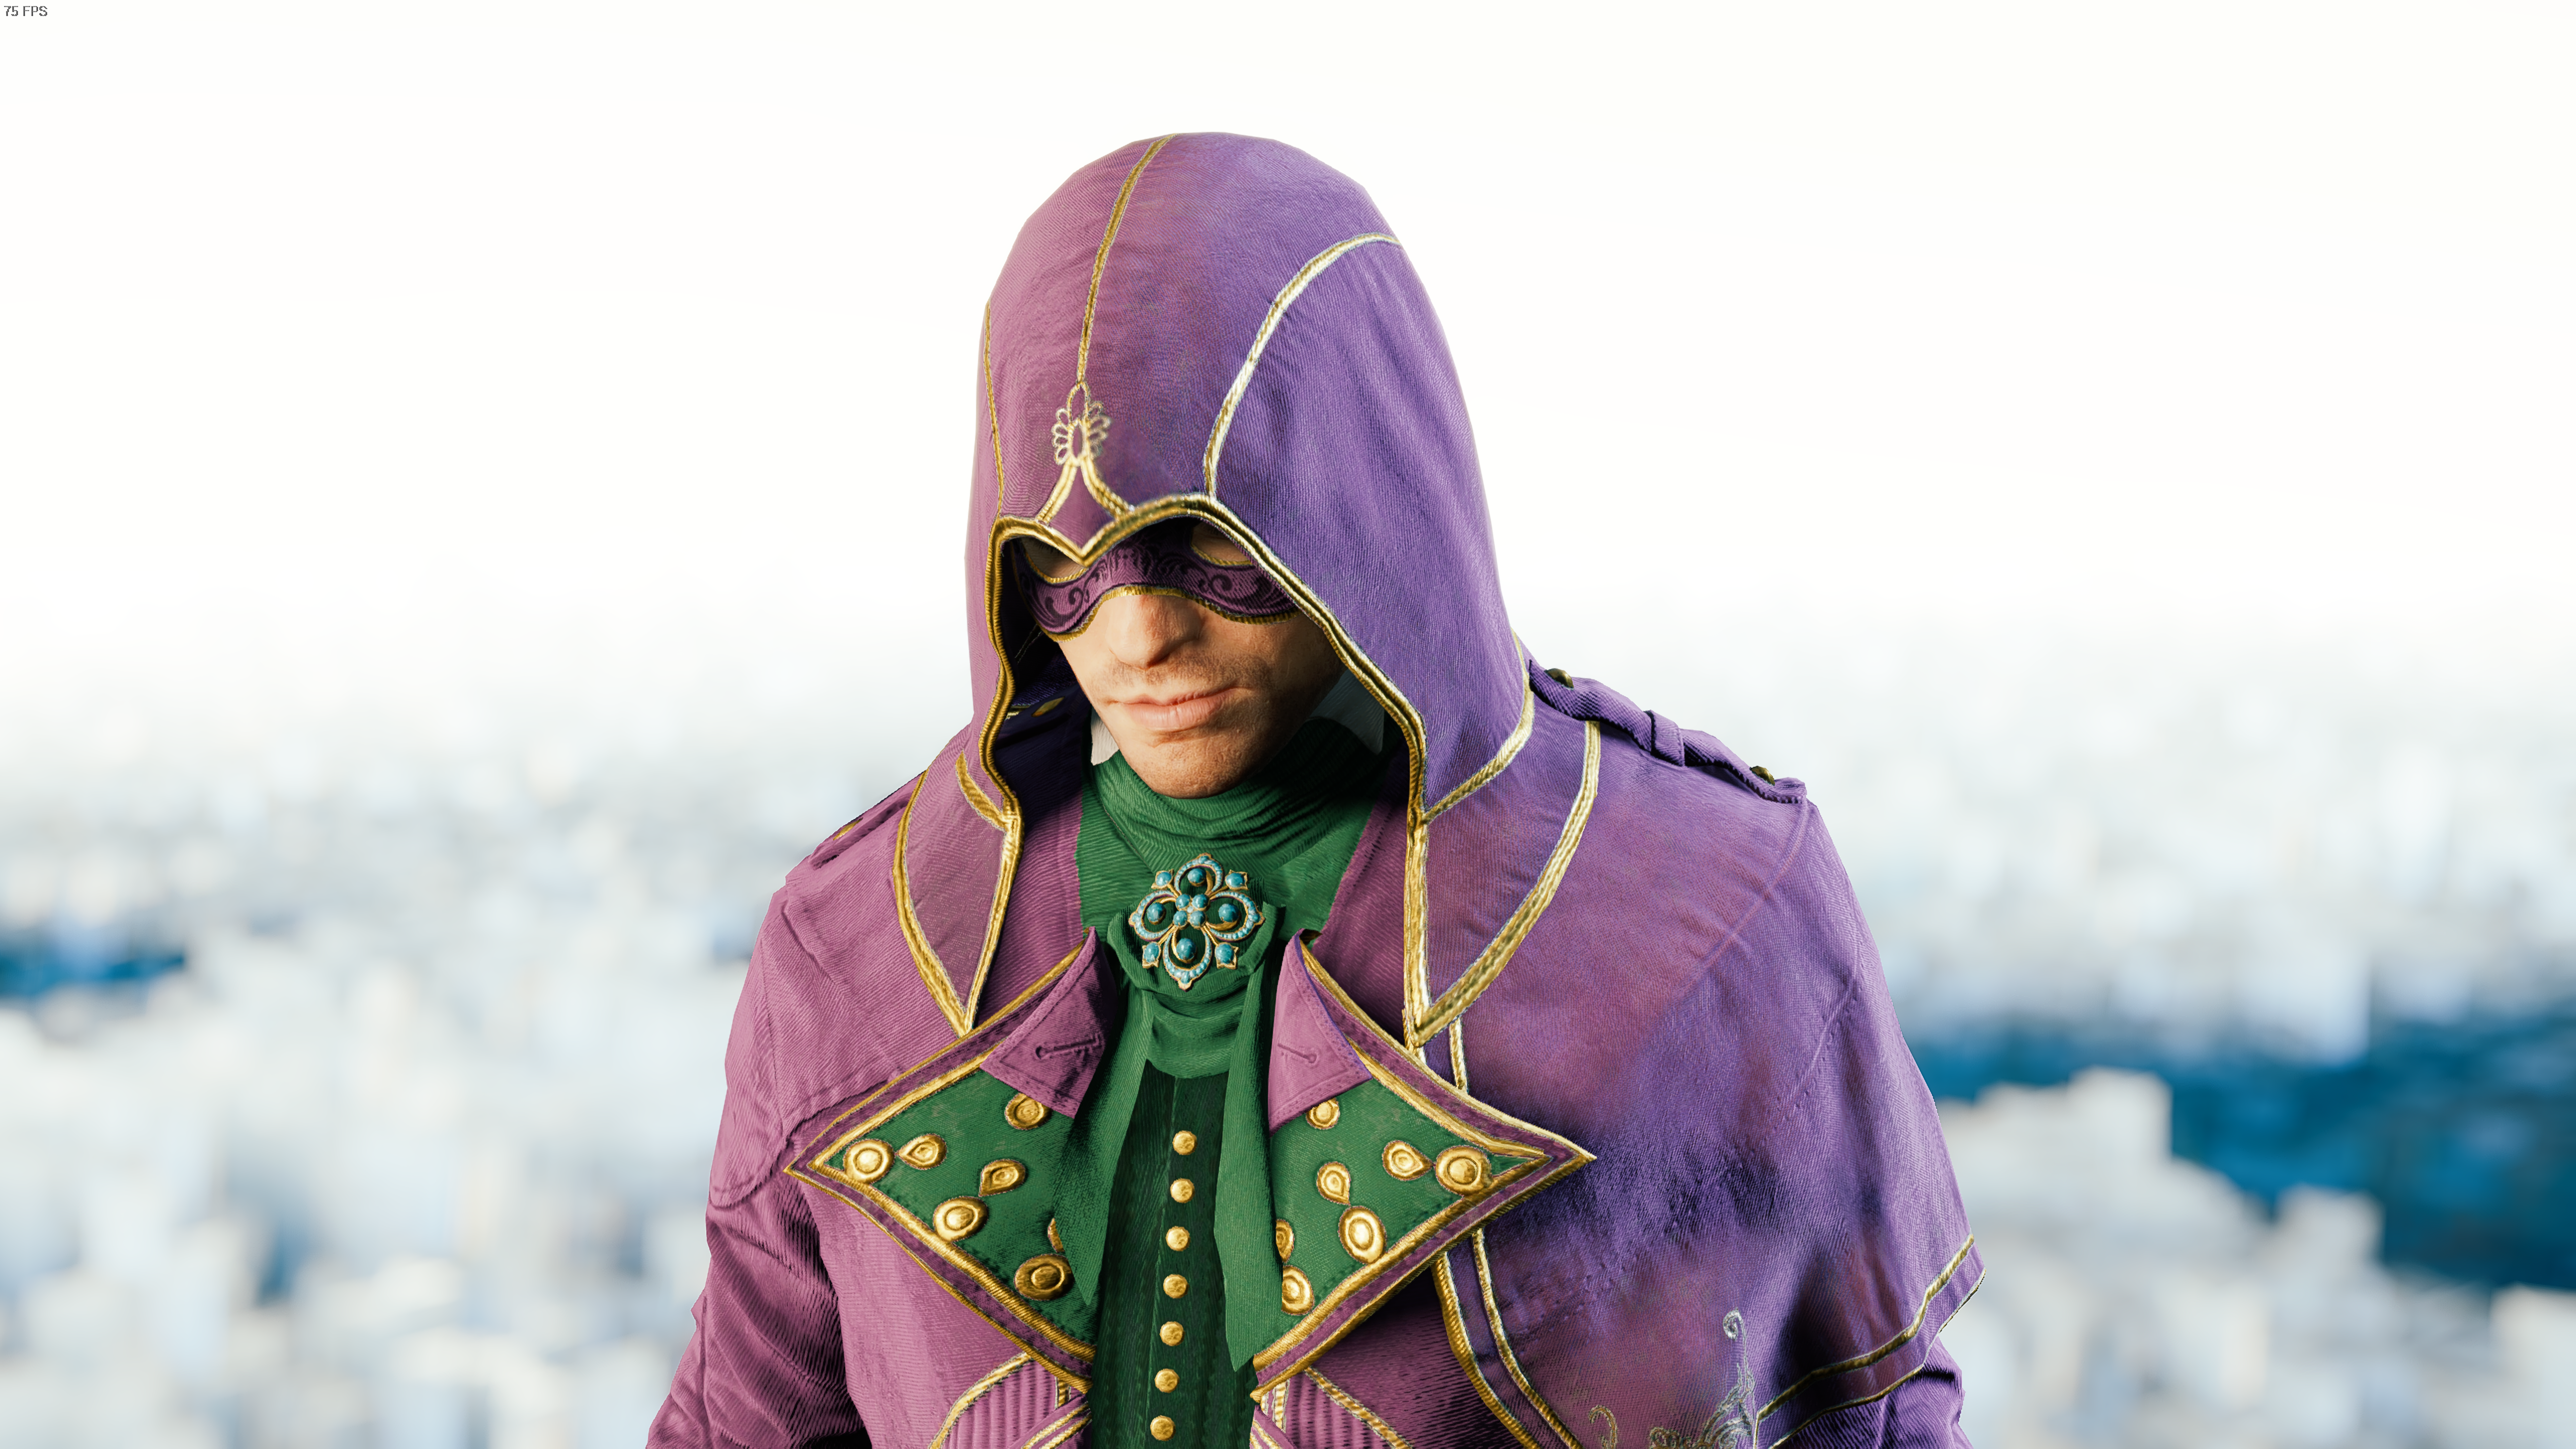 Arno 5K - Assassin's Creed: Unity